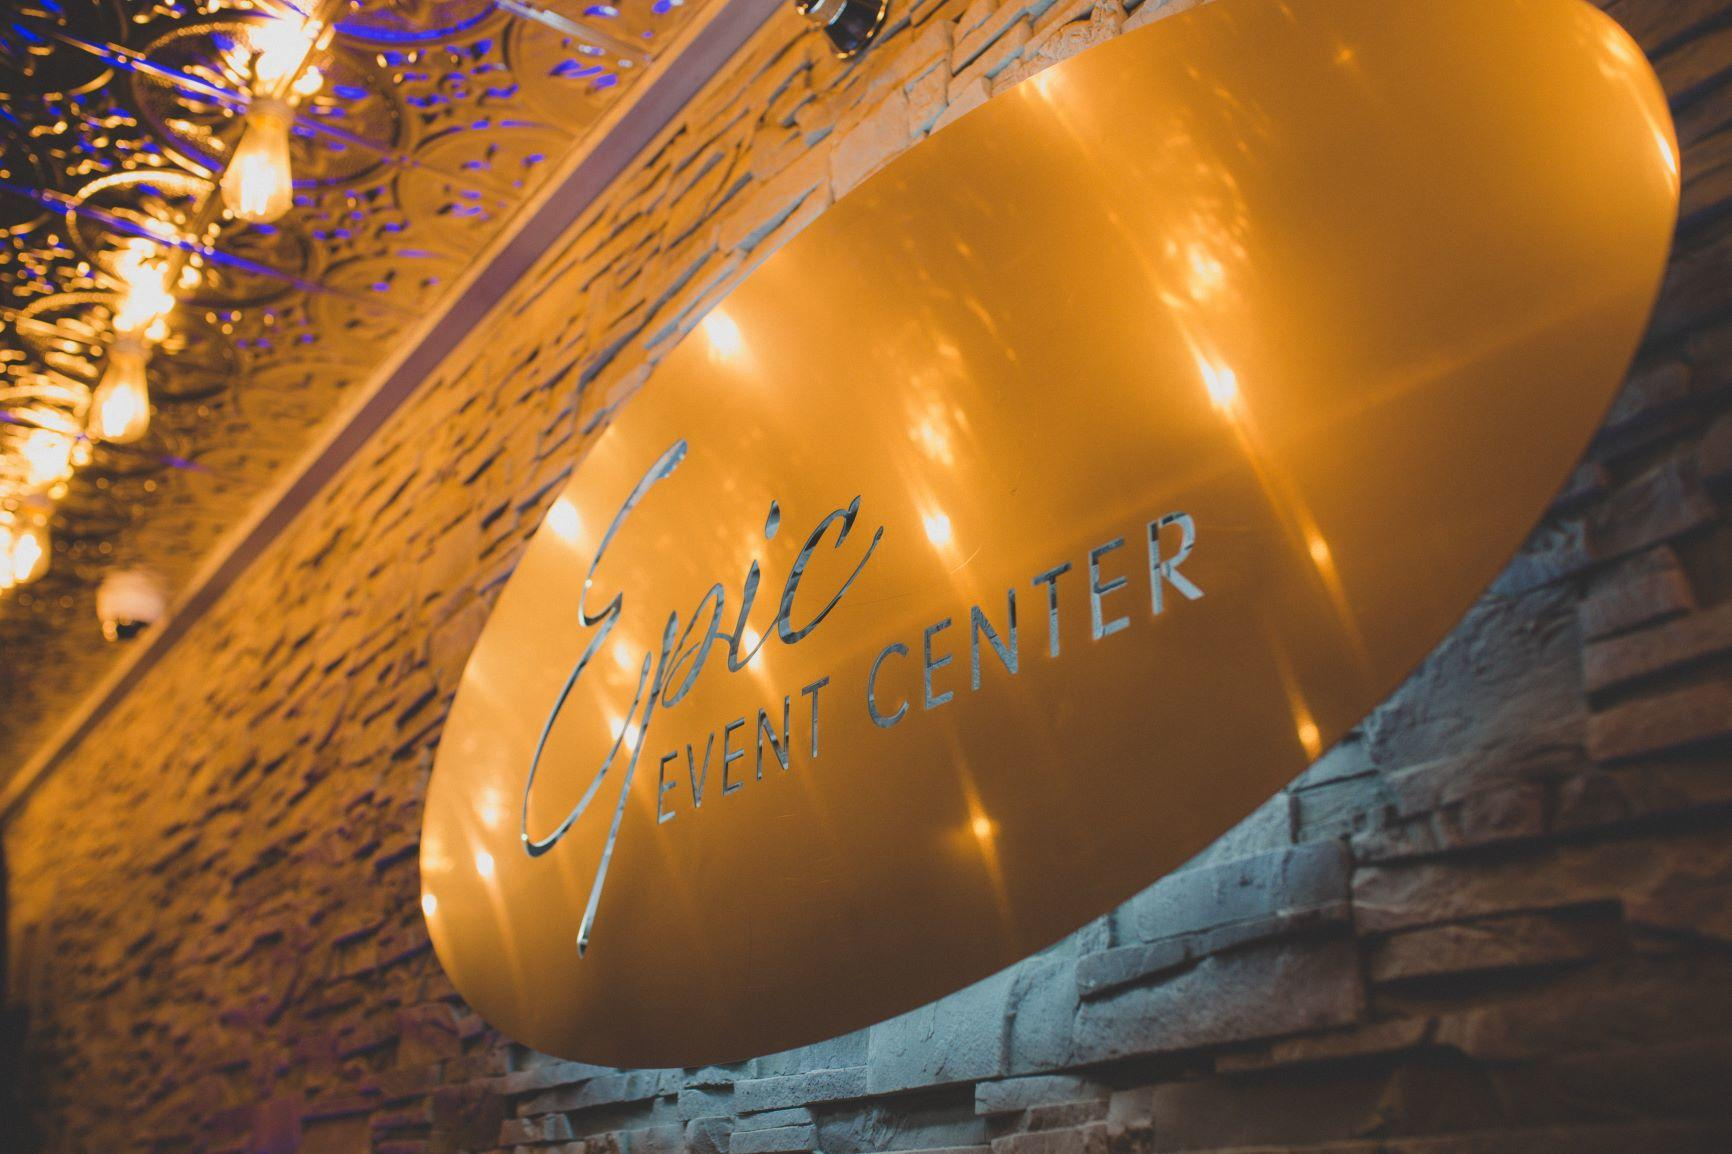 Epic Event Center